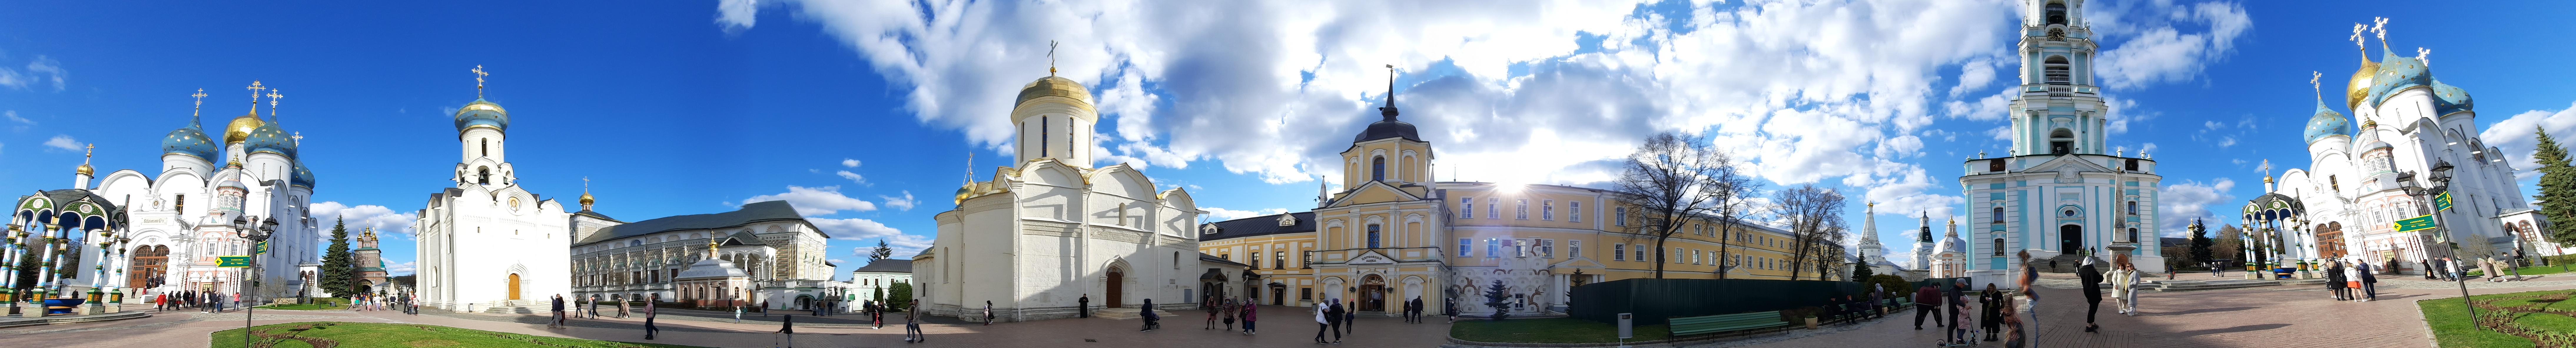 Панорама Свято-Троицкой Сергиевой Лавры